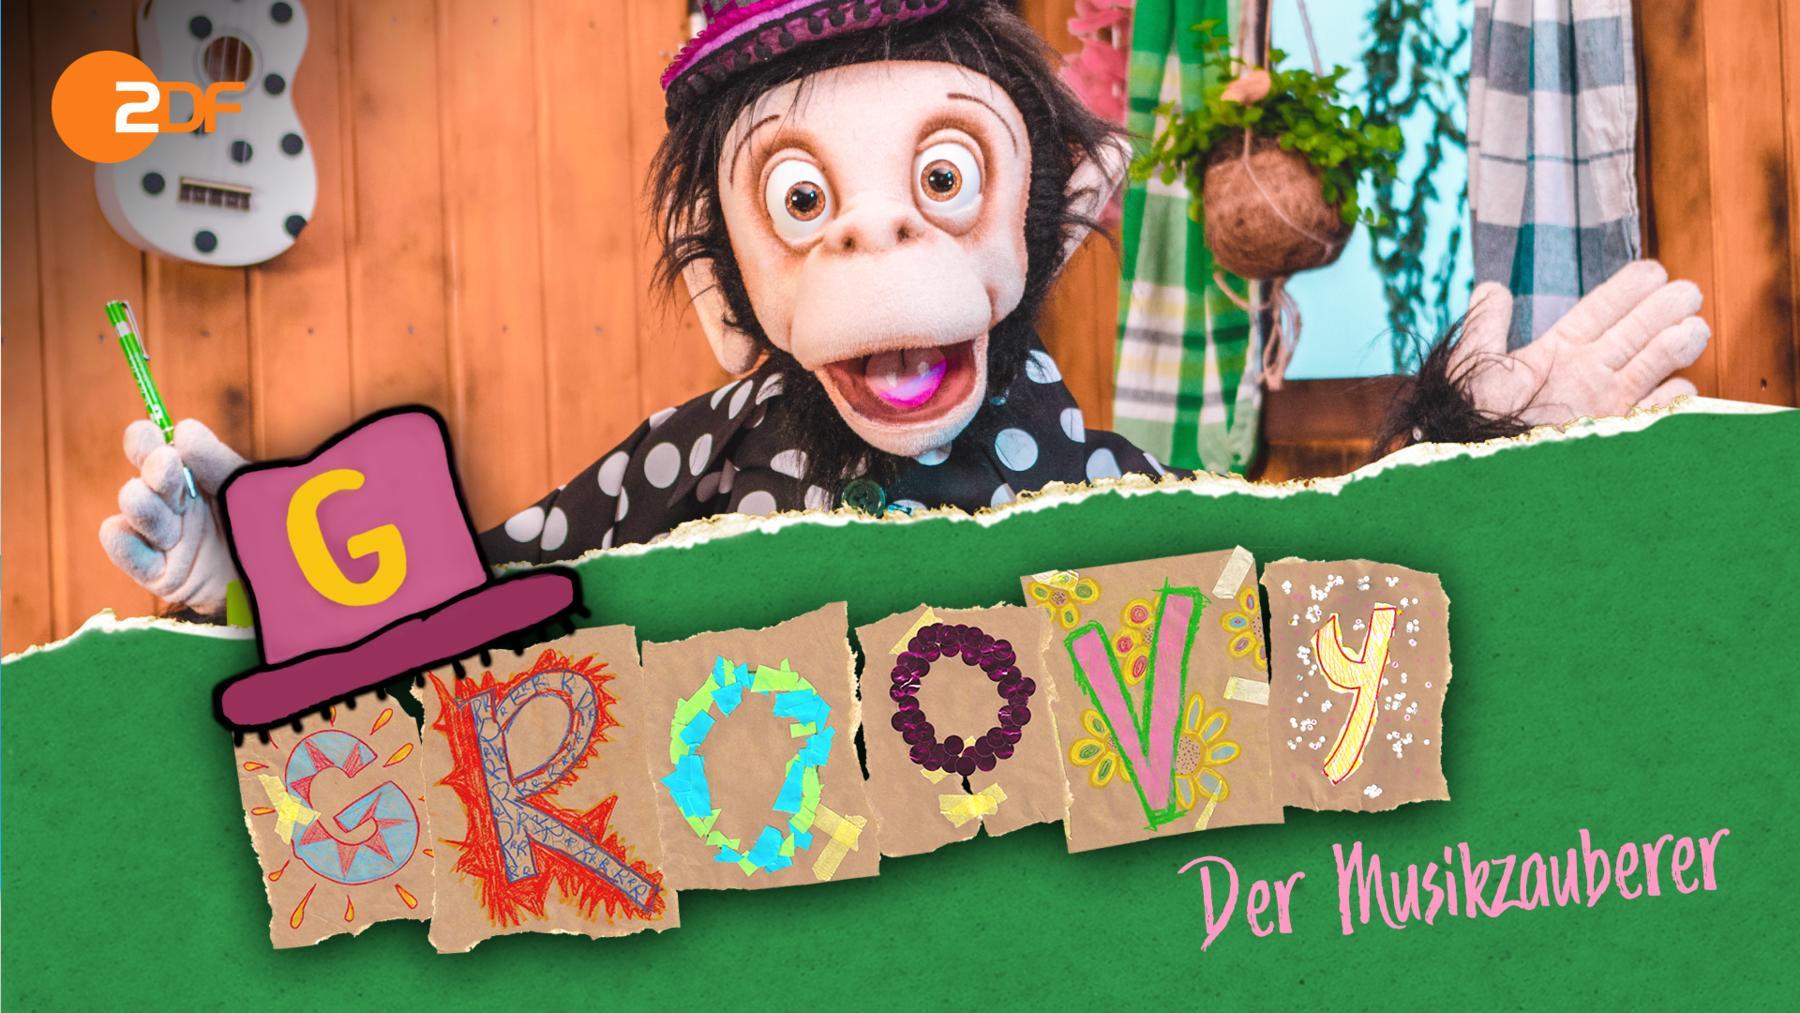 Groovy - Der Musikzauberer